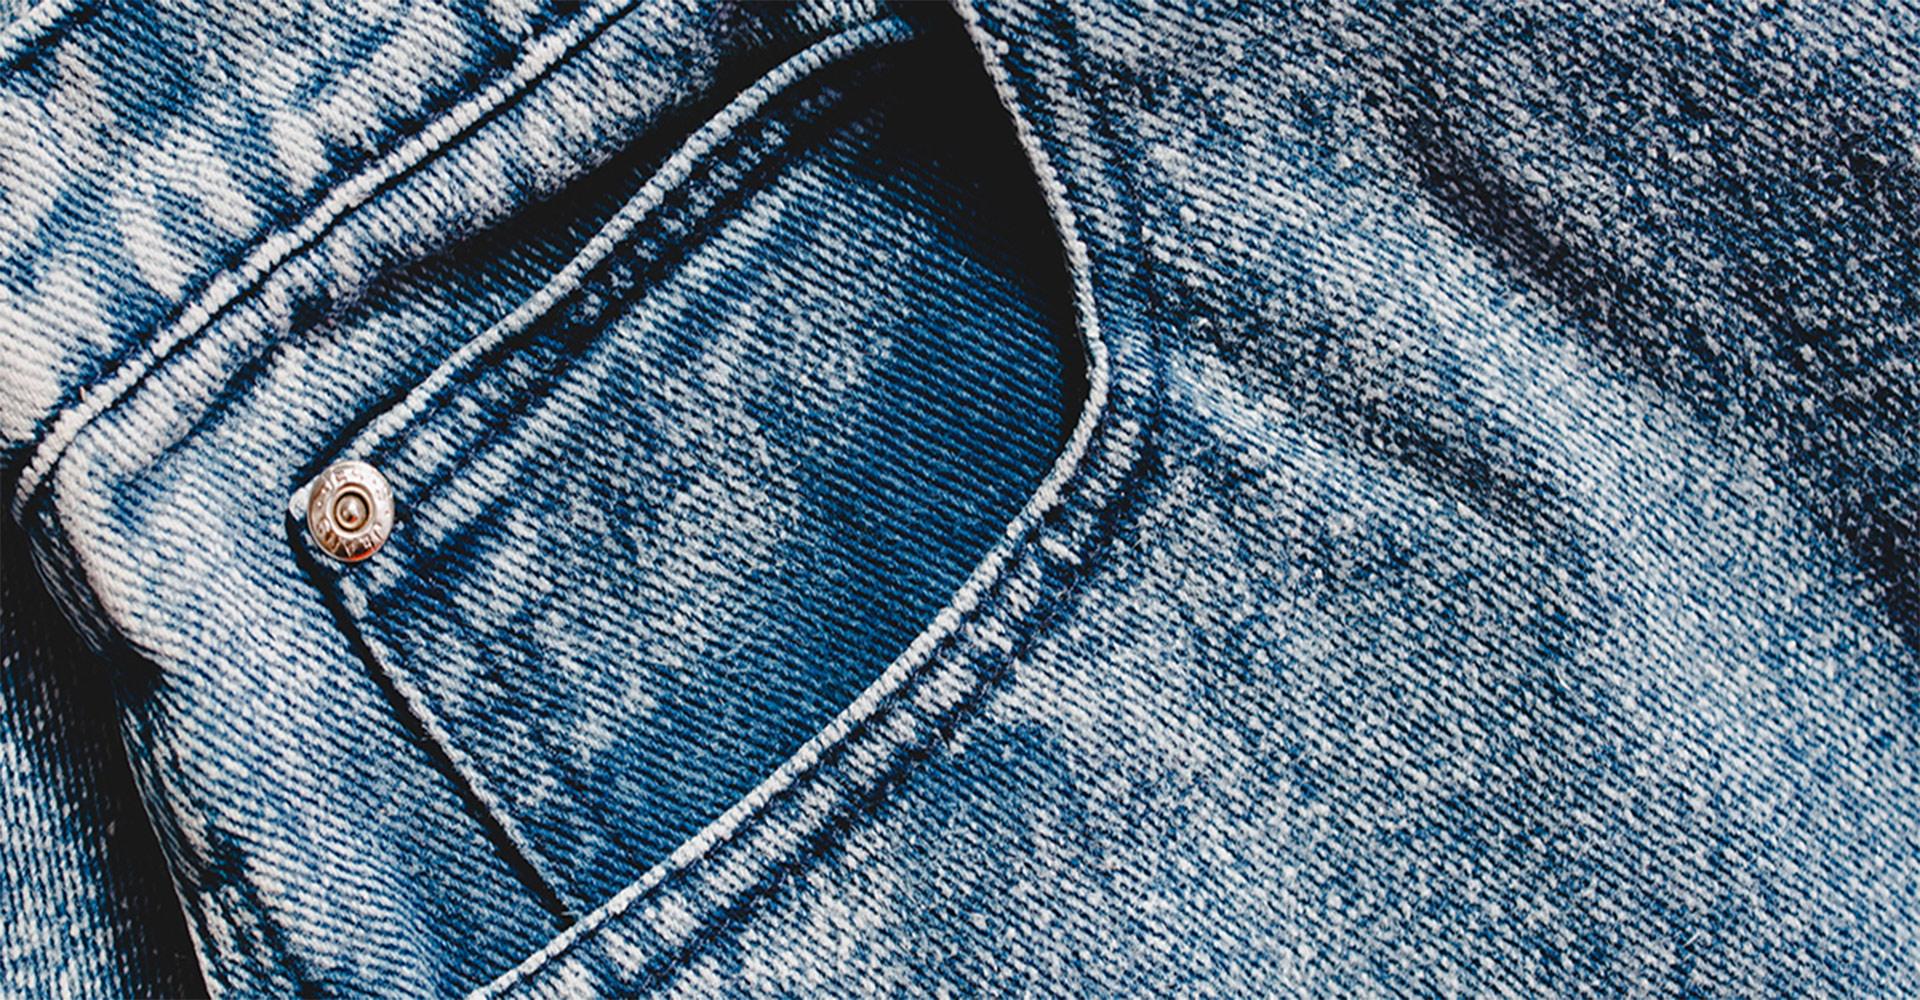 Päť pravidiel ako prať a dezinfikovať jeansy